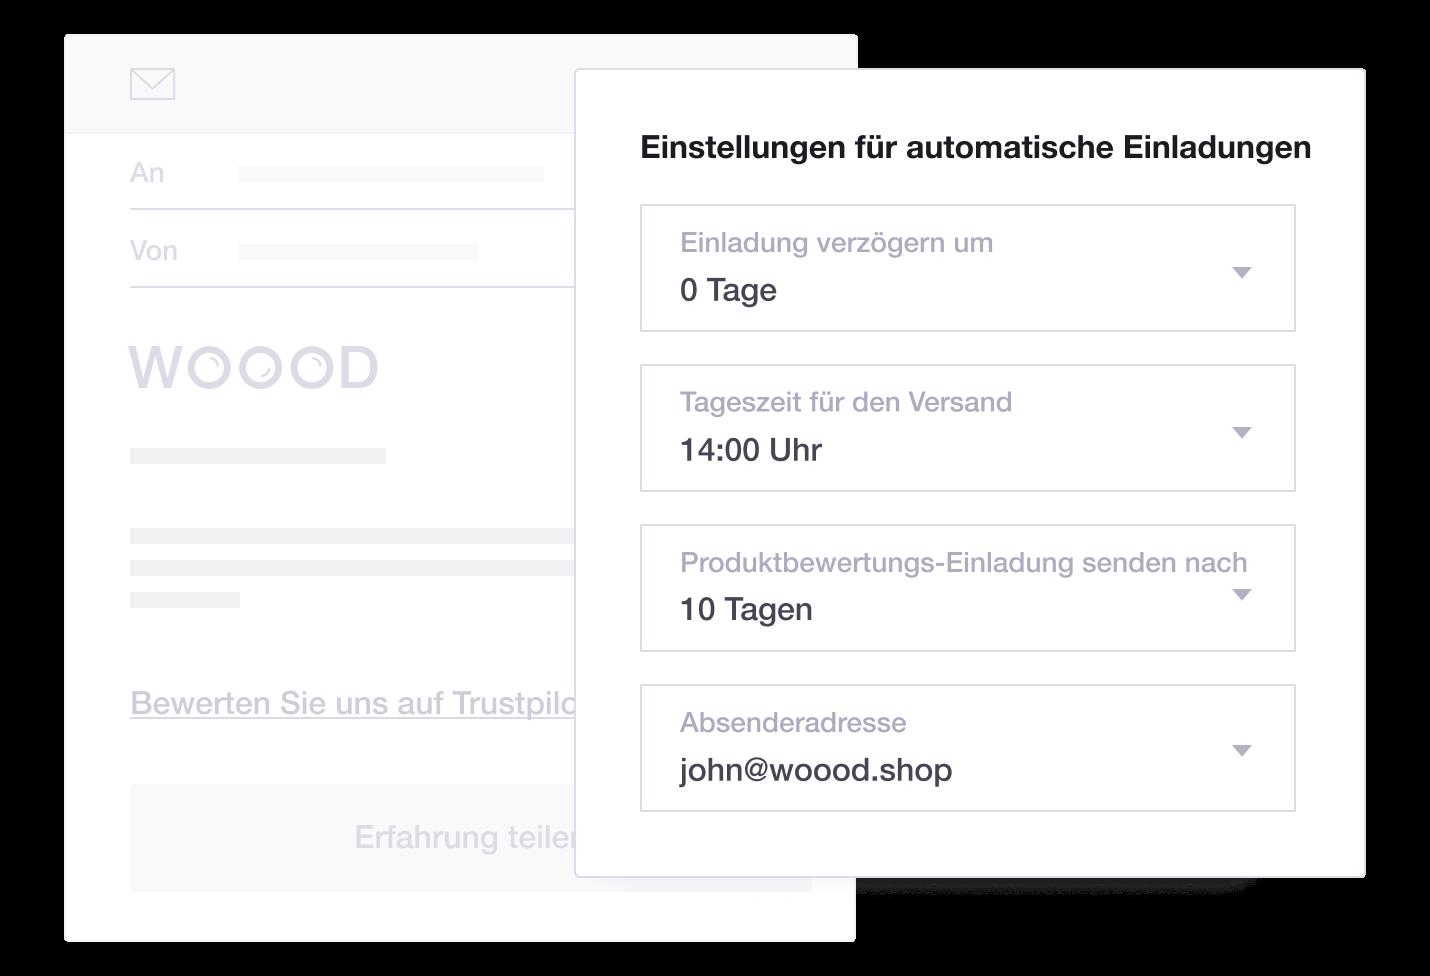 DE - Automatic Feedback Service